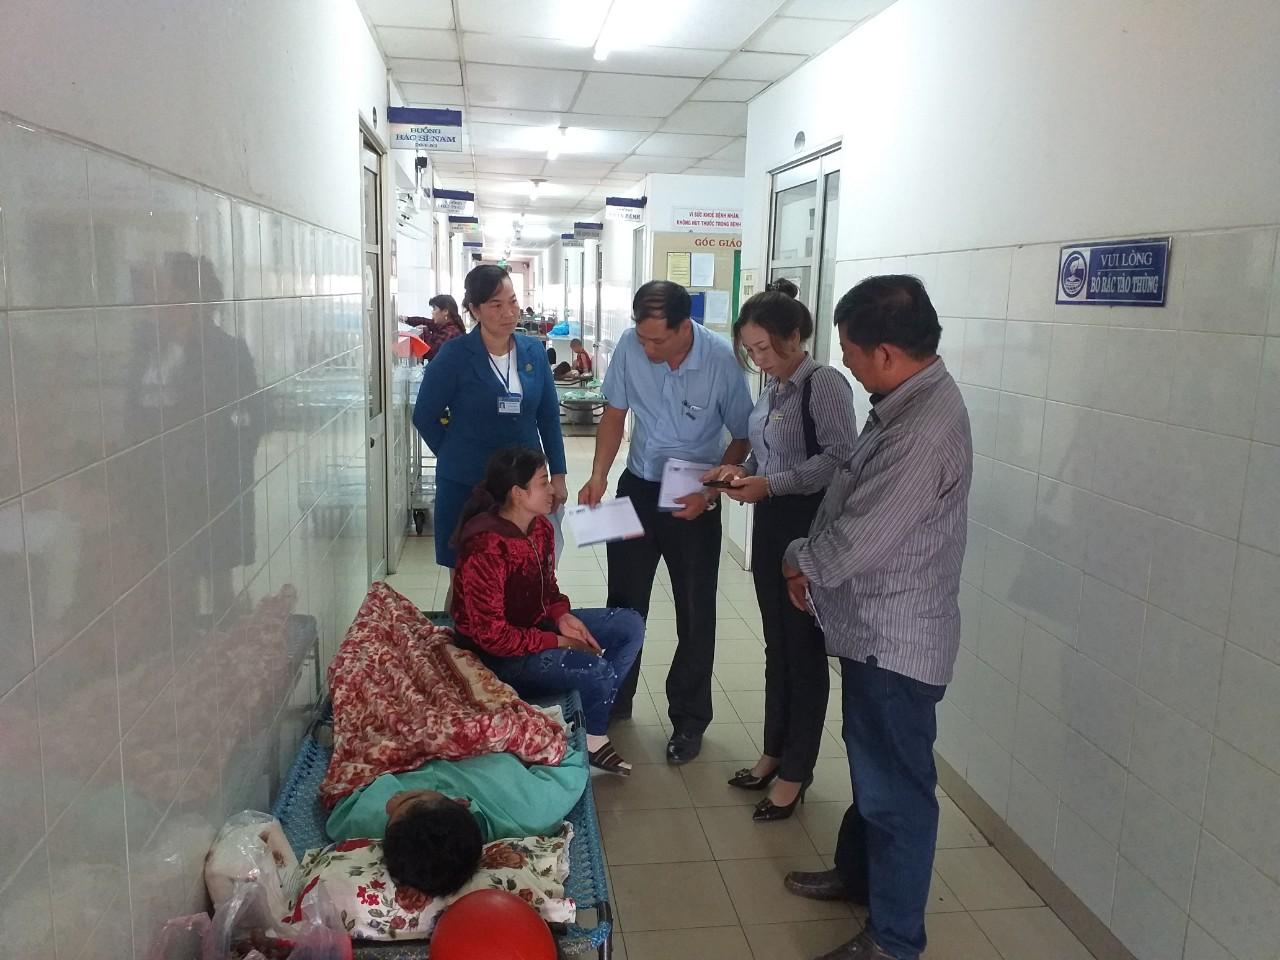 Vụ tai nạn thảm khốc tại Long An: Bảo hiểm Hàng Không ước bồi thường hơn 1 tỷ đồng